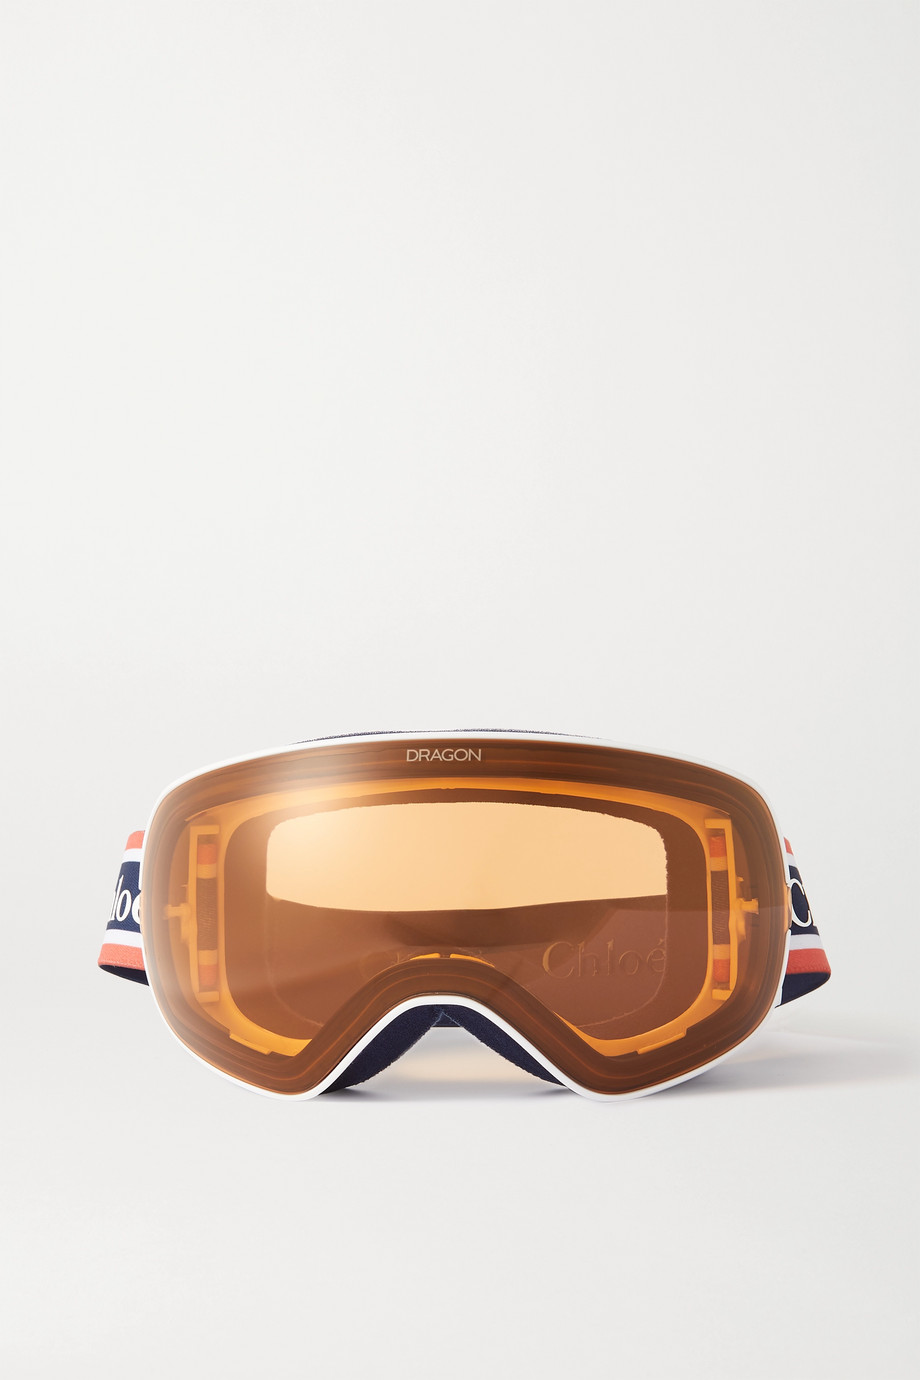 Chloé Masque de ski Cassidy x Dragon